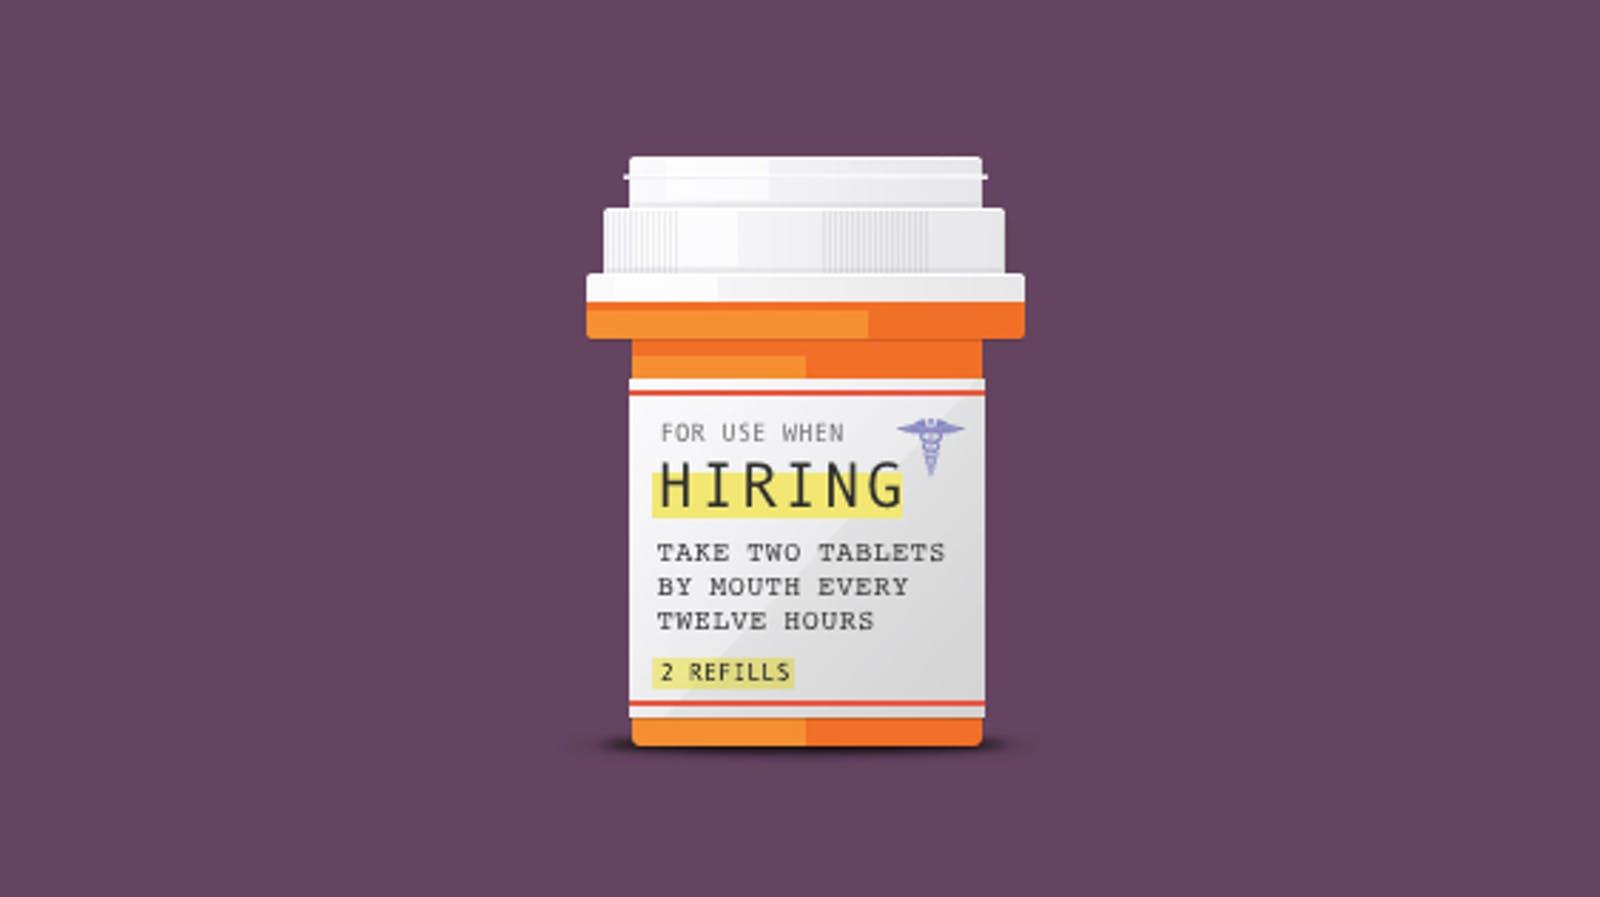 如何减少招聘带来的困扰